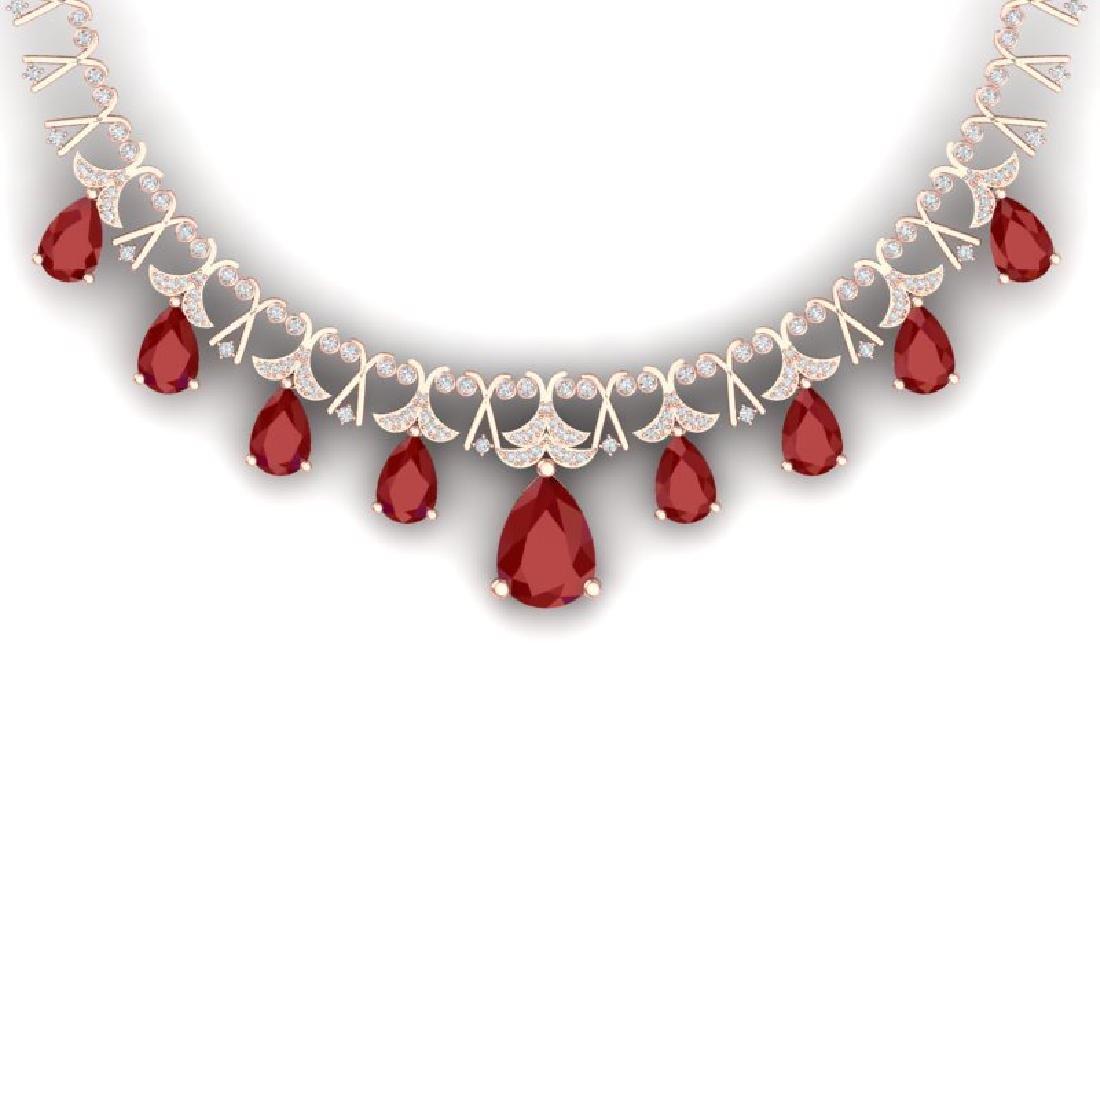 56.94 CTW Royalty Ruby & VS Diamond Necklace 18K Rose